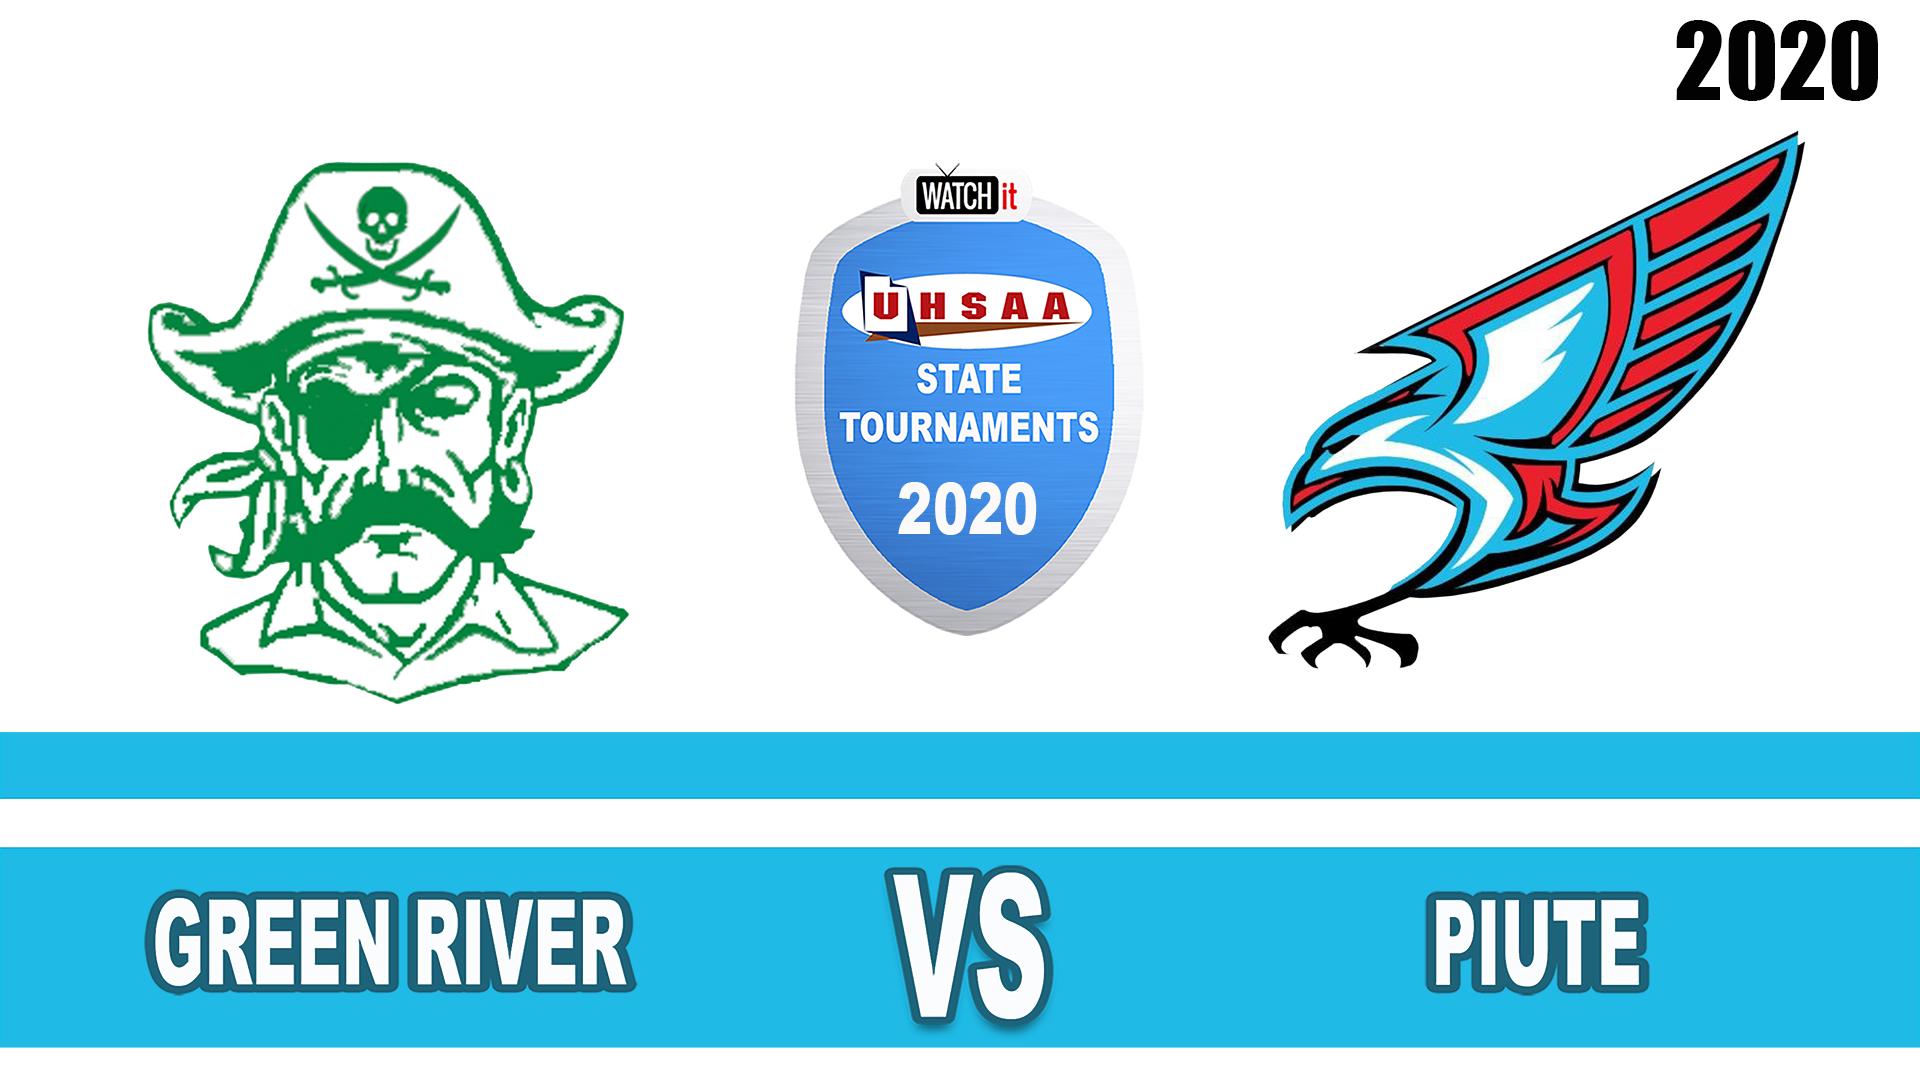 Green River vs Piute